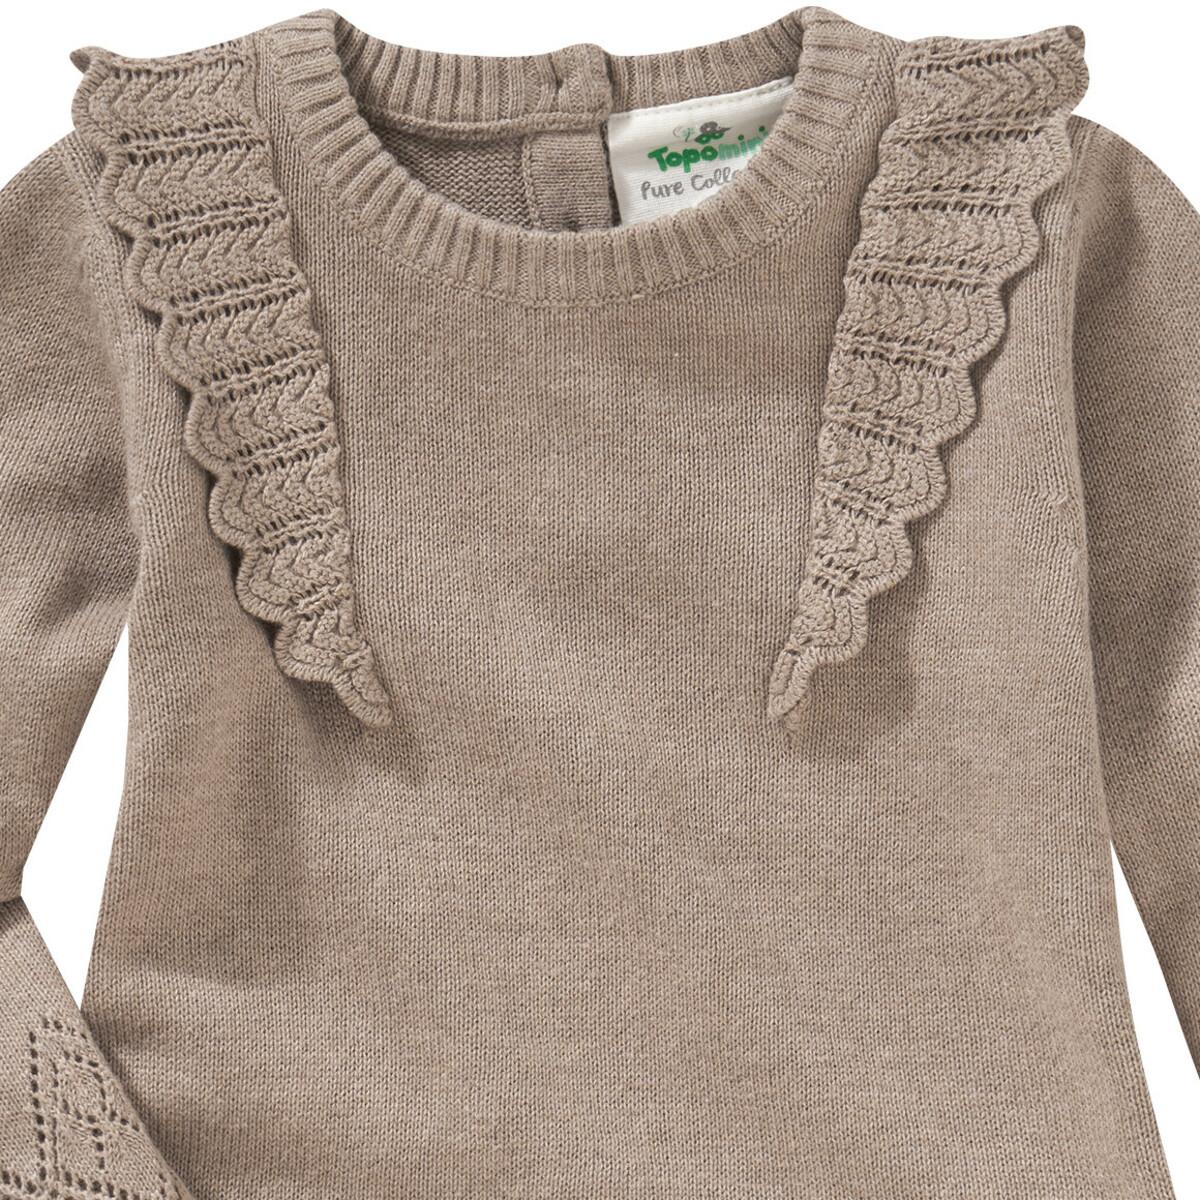 Bild 2 von Newborn Strickkleid mit Lochstickerei